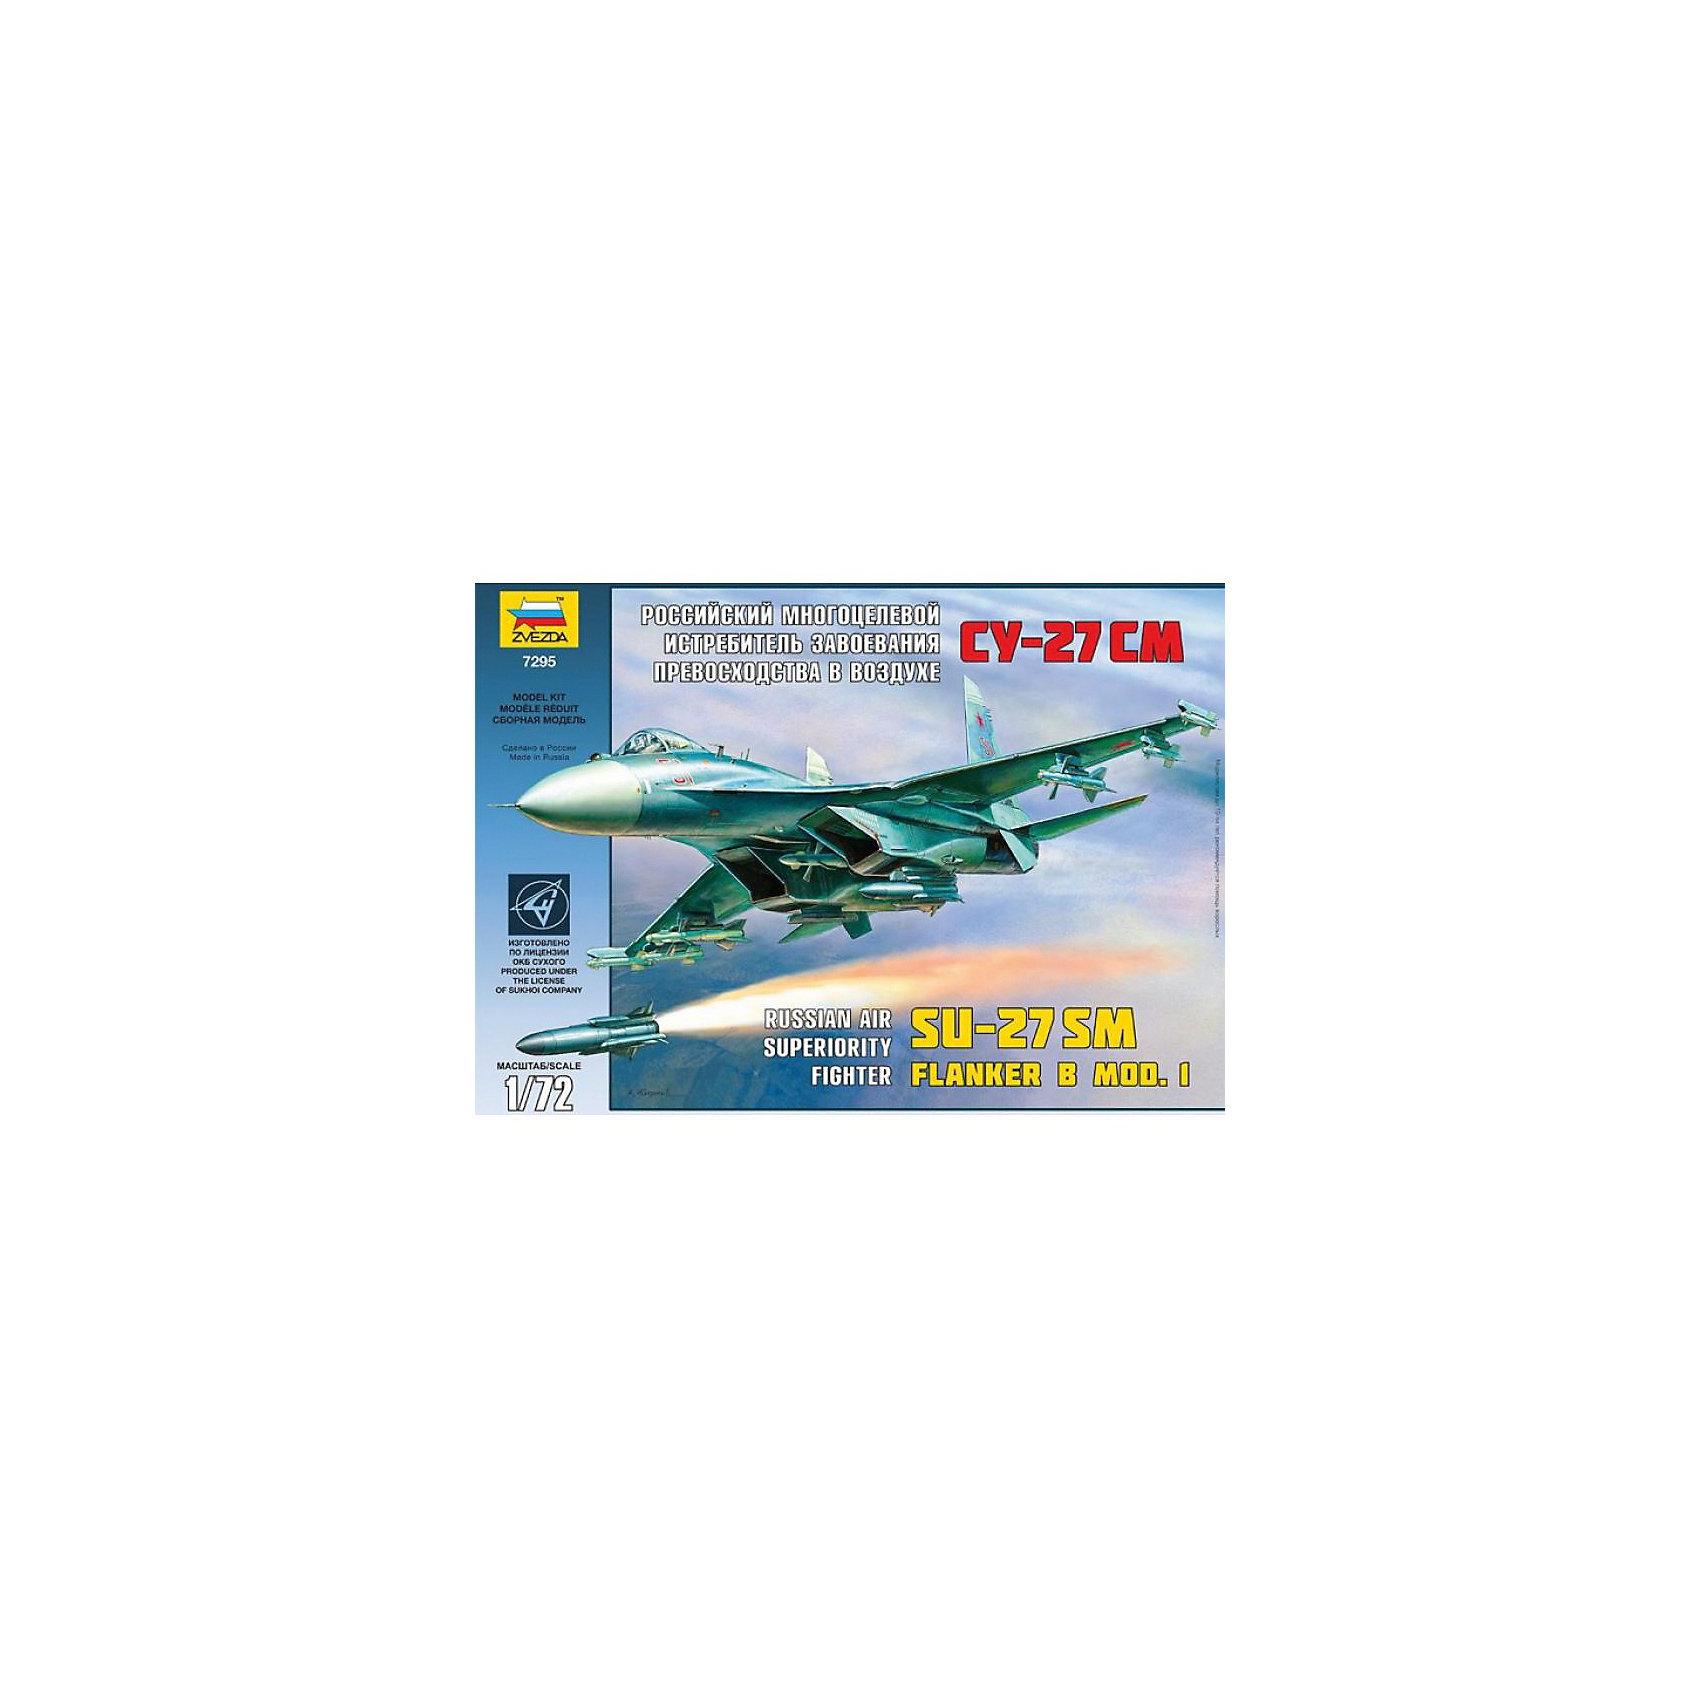 Сборная модель Звезда Самолет Истребитель Су-27СМ, 1:72Модели для склеивания<br>Модель сборная. Самолёт Су-27СМ<br><br>Ширина мм: 345<br>Глубина мм: 242<br>Высота мм: 60<br>Вес г: 450<br>Возраст от месяцев: 36<br>Возраст до месяцев: 180<br>Пол: Мужской<br>Возраст: Детский<br>SKU: 7086551